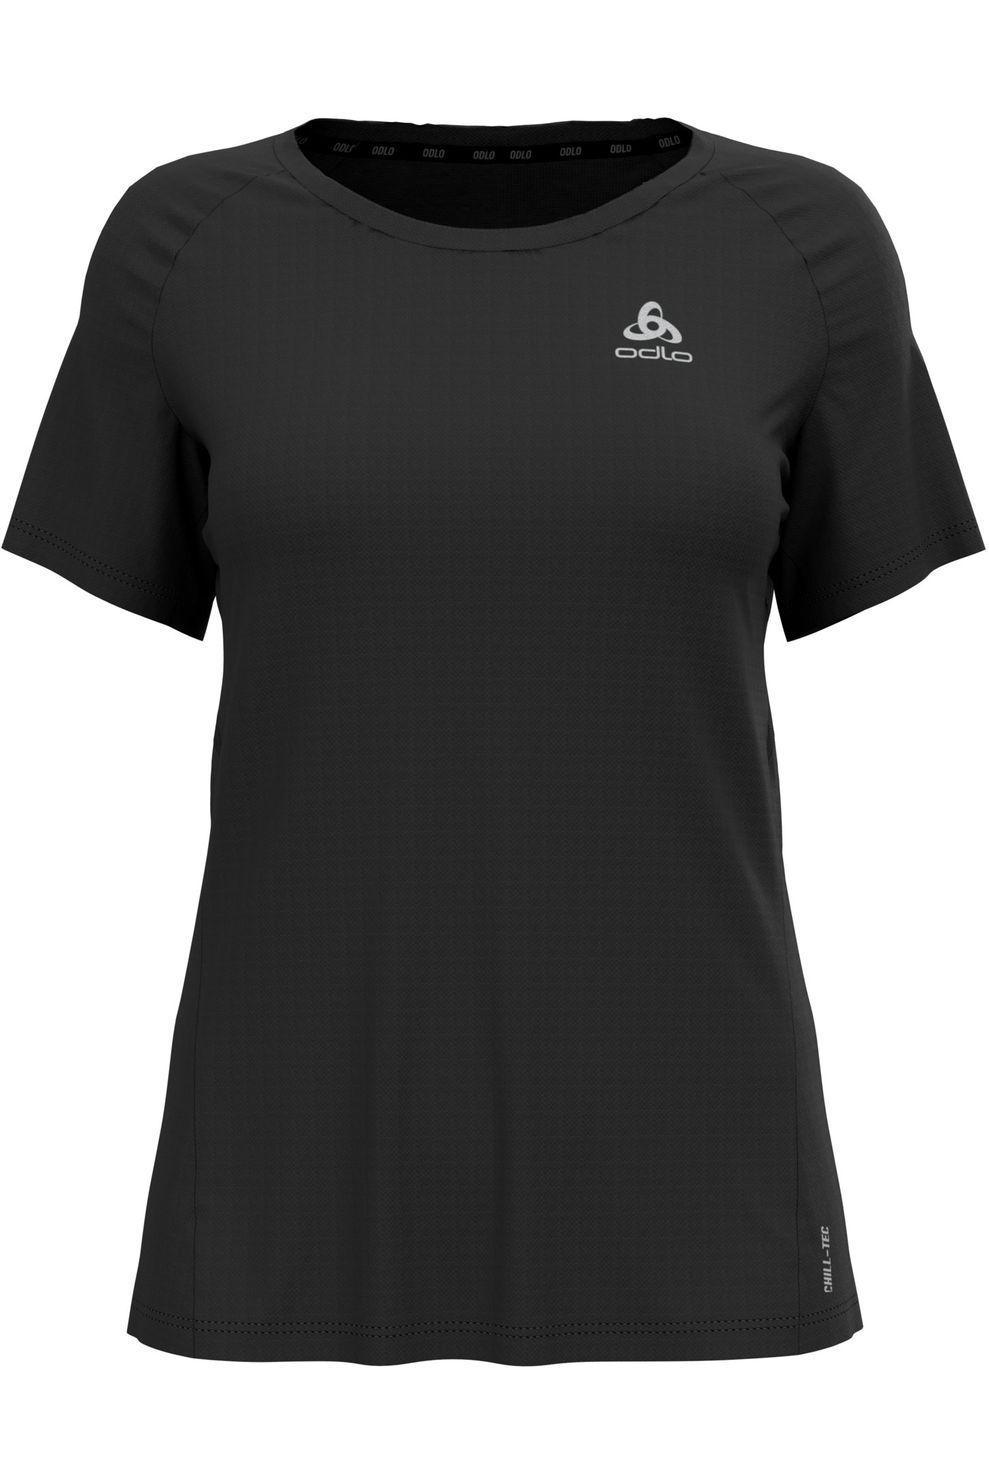 Odlo T-Shirt Essential Chill-Te voor dames - Zwart - Maten: S, M, L, XL